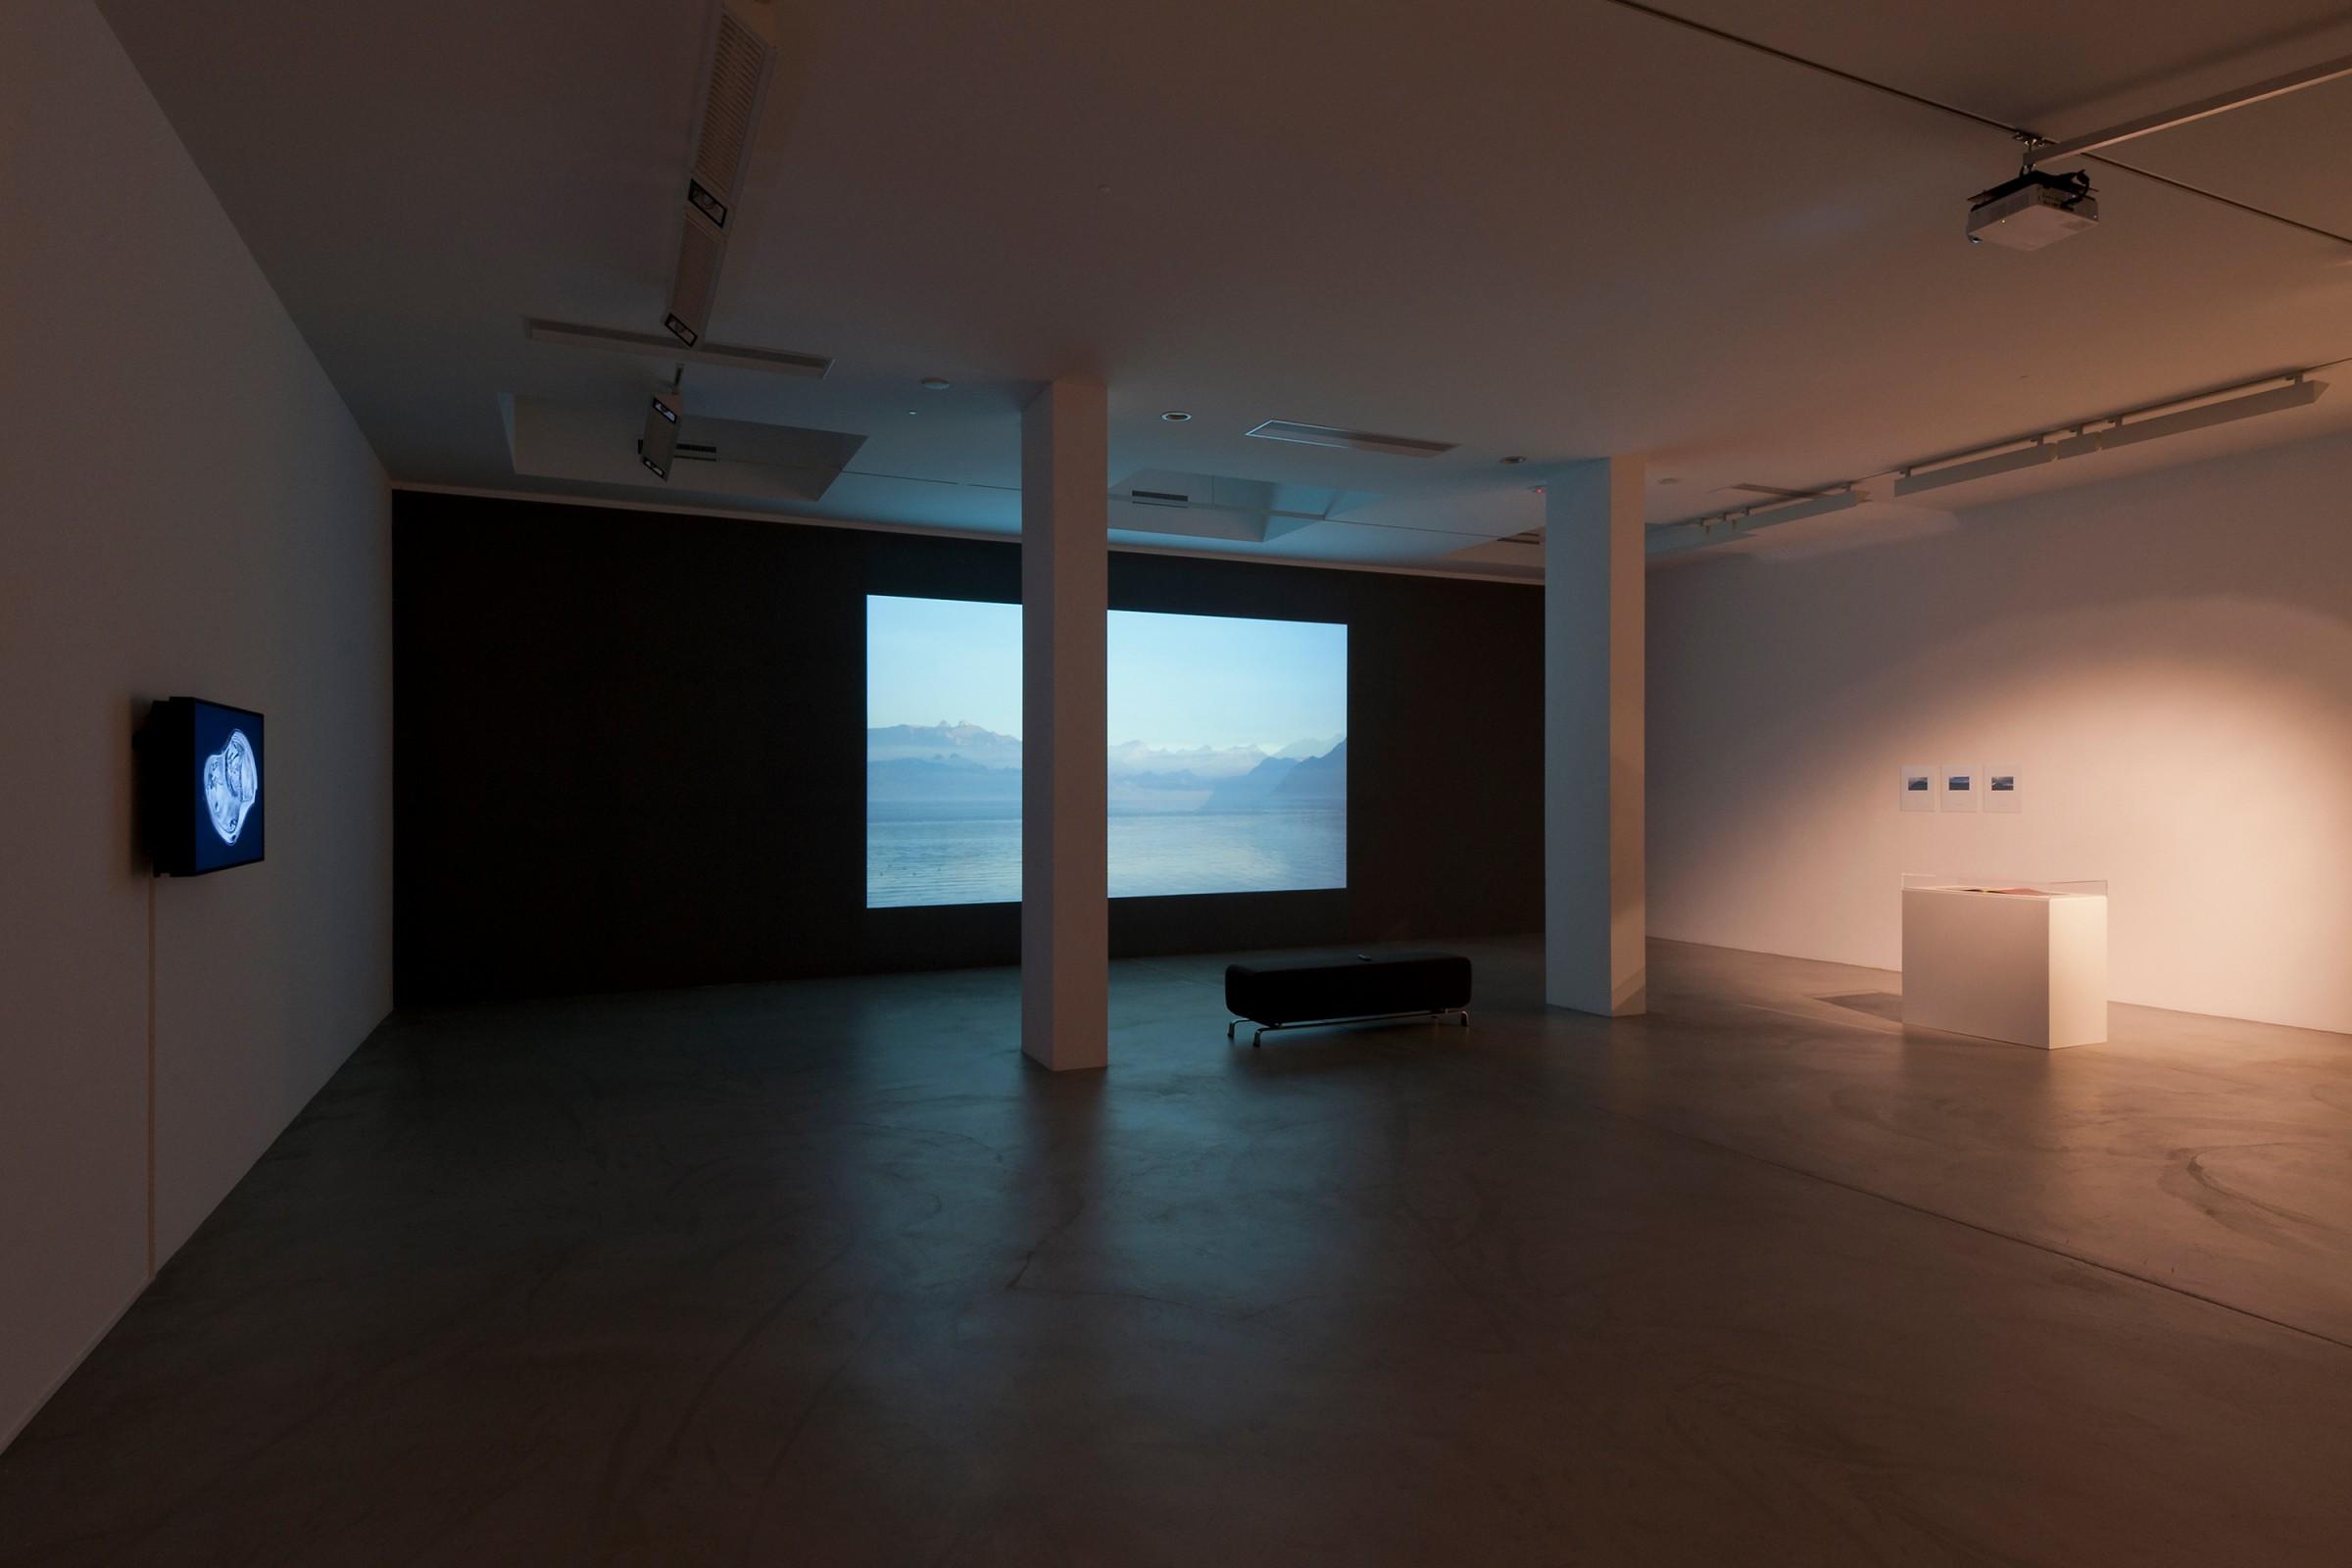 Surfaces, Fotomuseum Winterthur, 2014